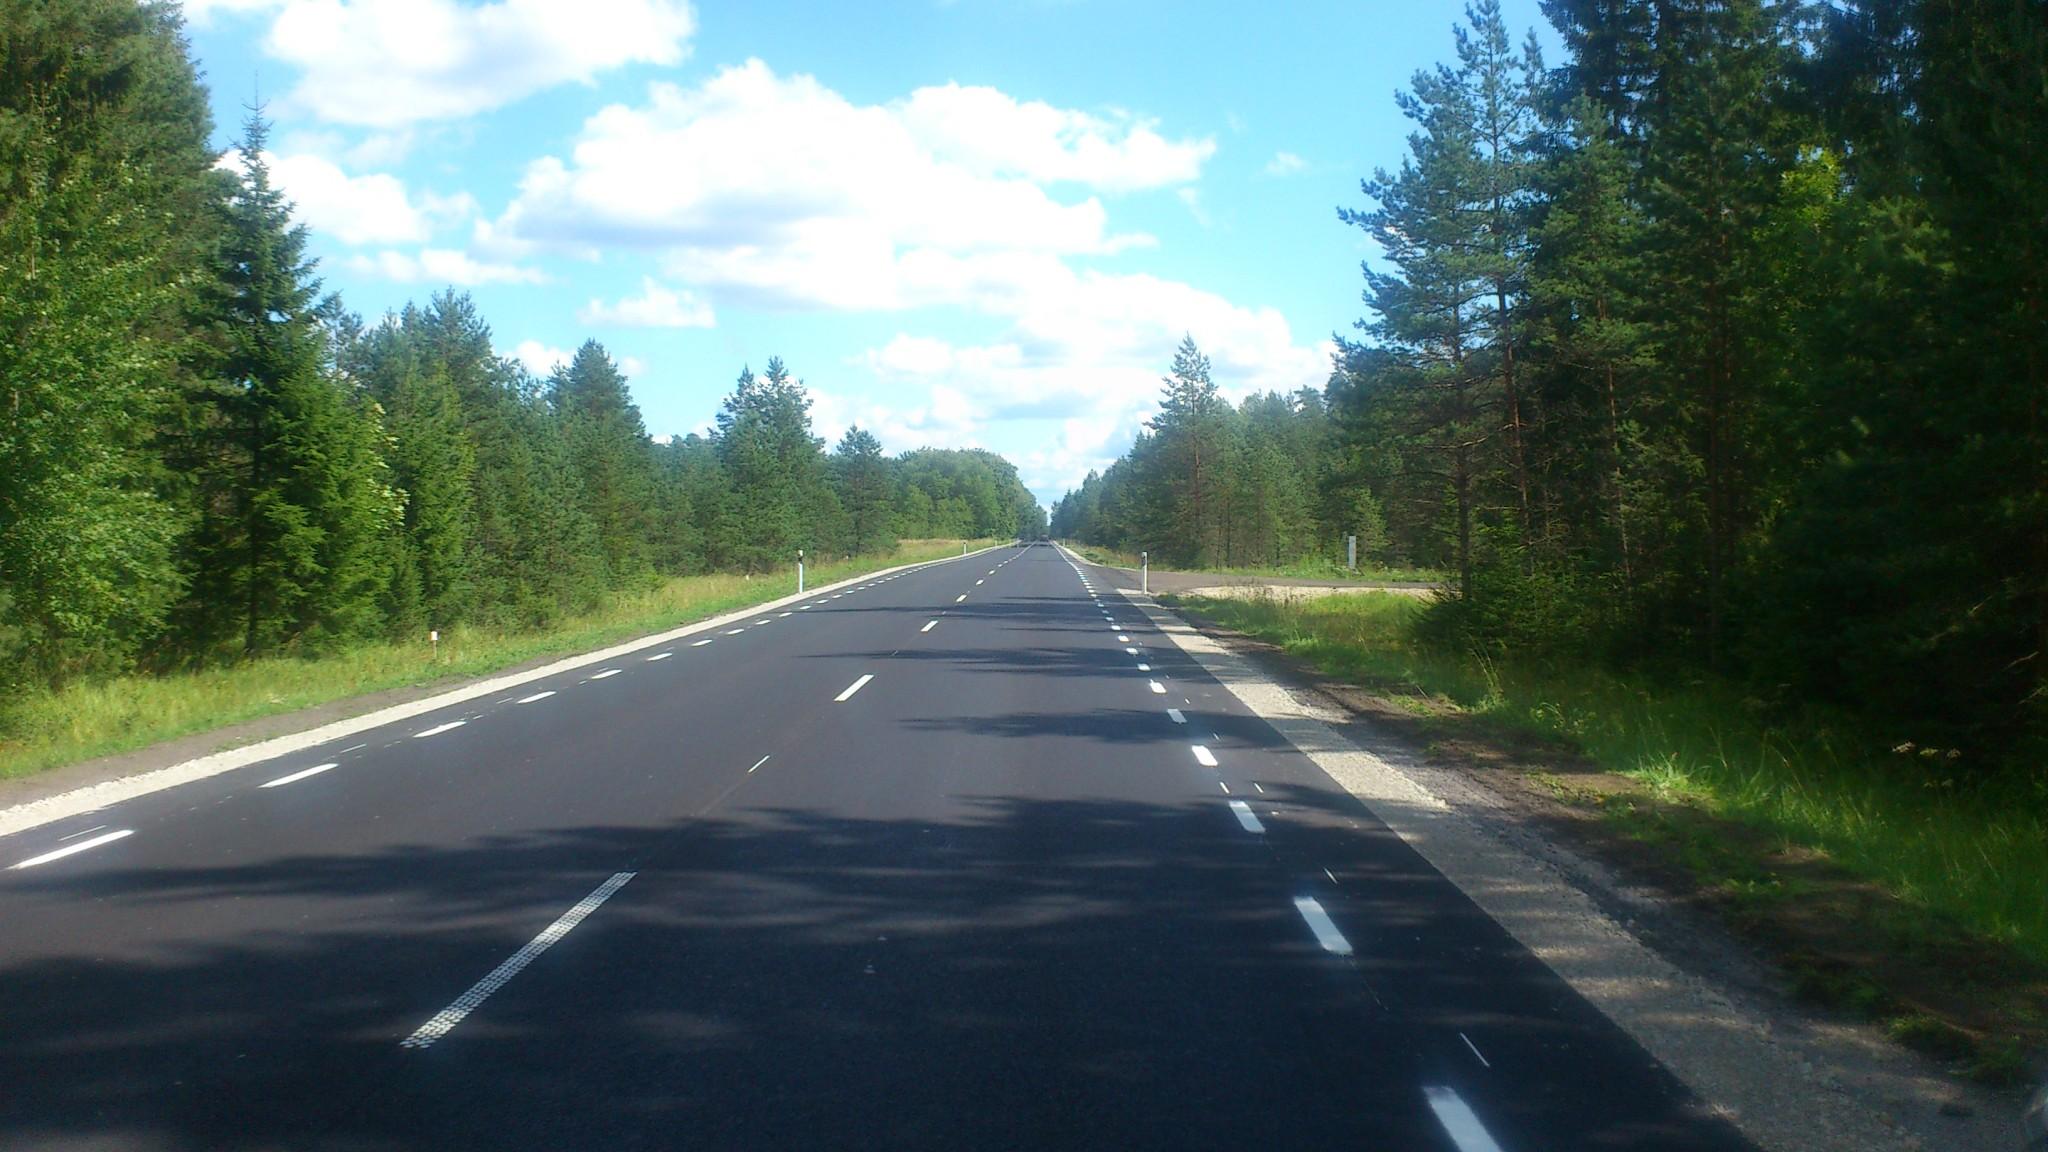 Riigimaanteede nr 15 Tallinn-Rapla-Türi km 79,2-83,9 ja nr 28 Rapla-Märjamaa km 1,17-7,77 ning km 8,16-12,13 remondi omanikujärelevalve